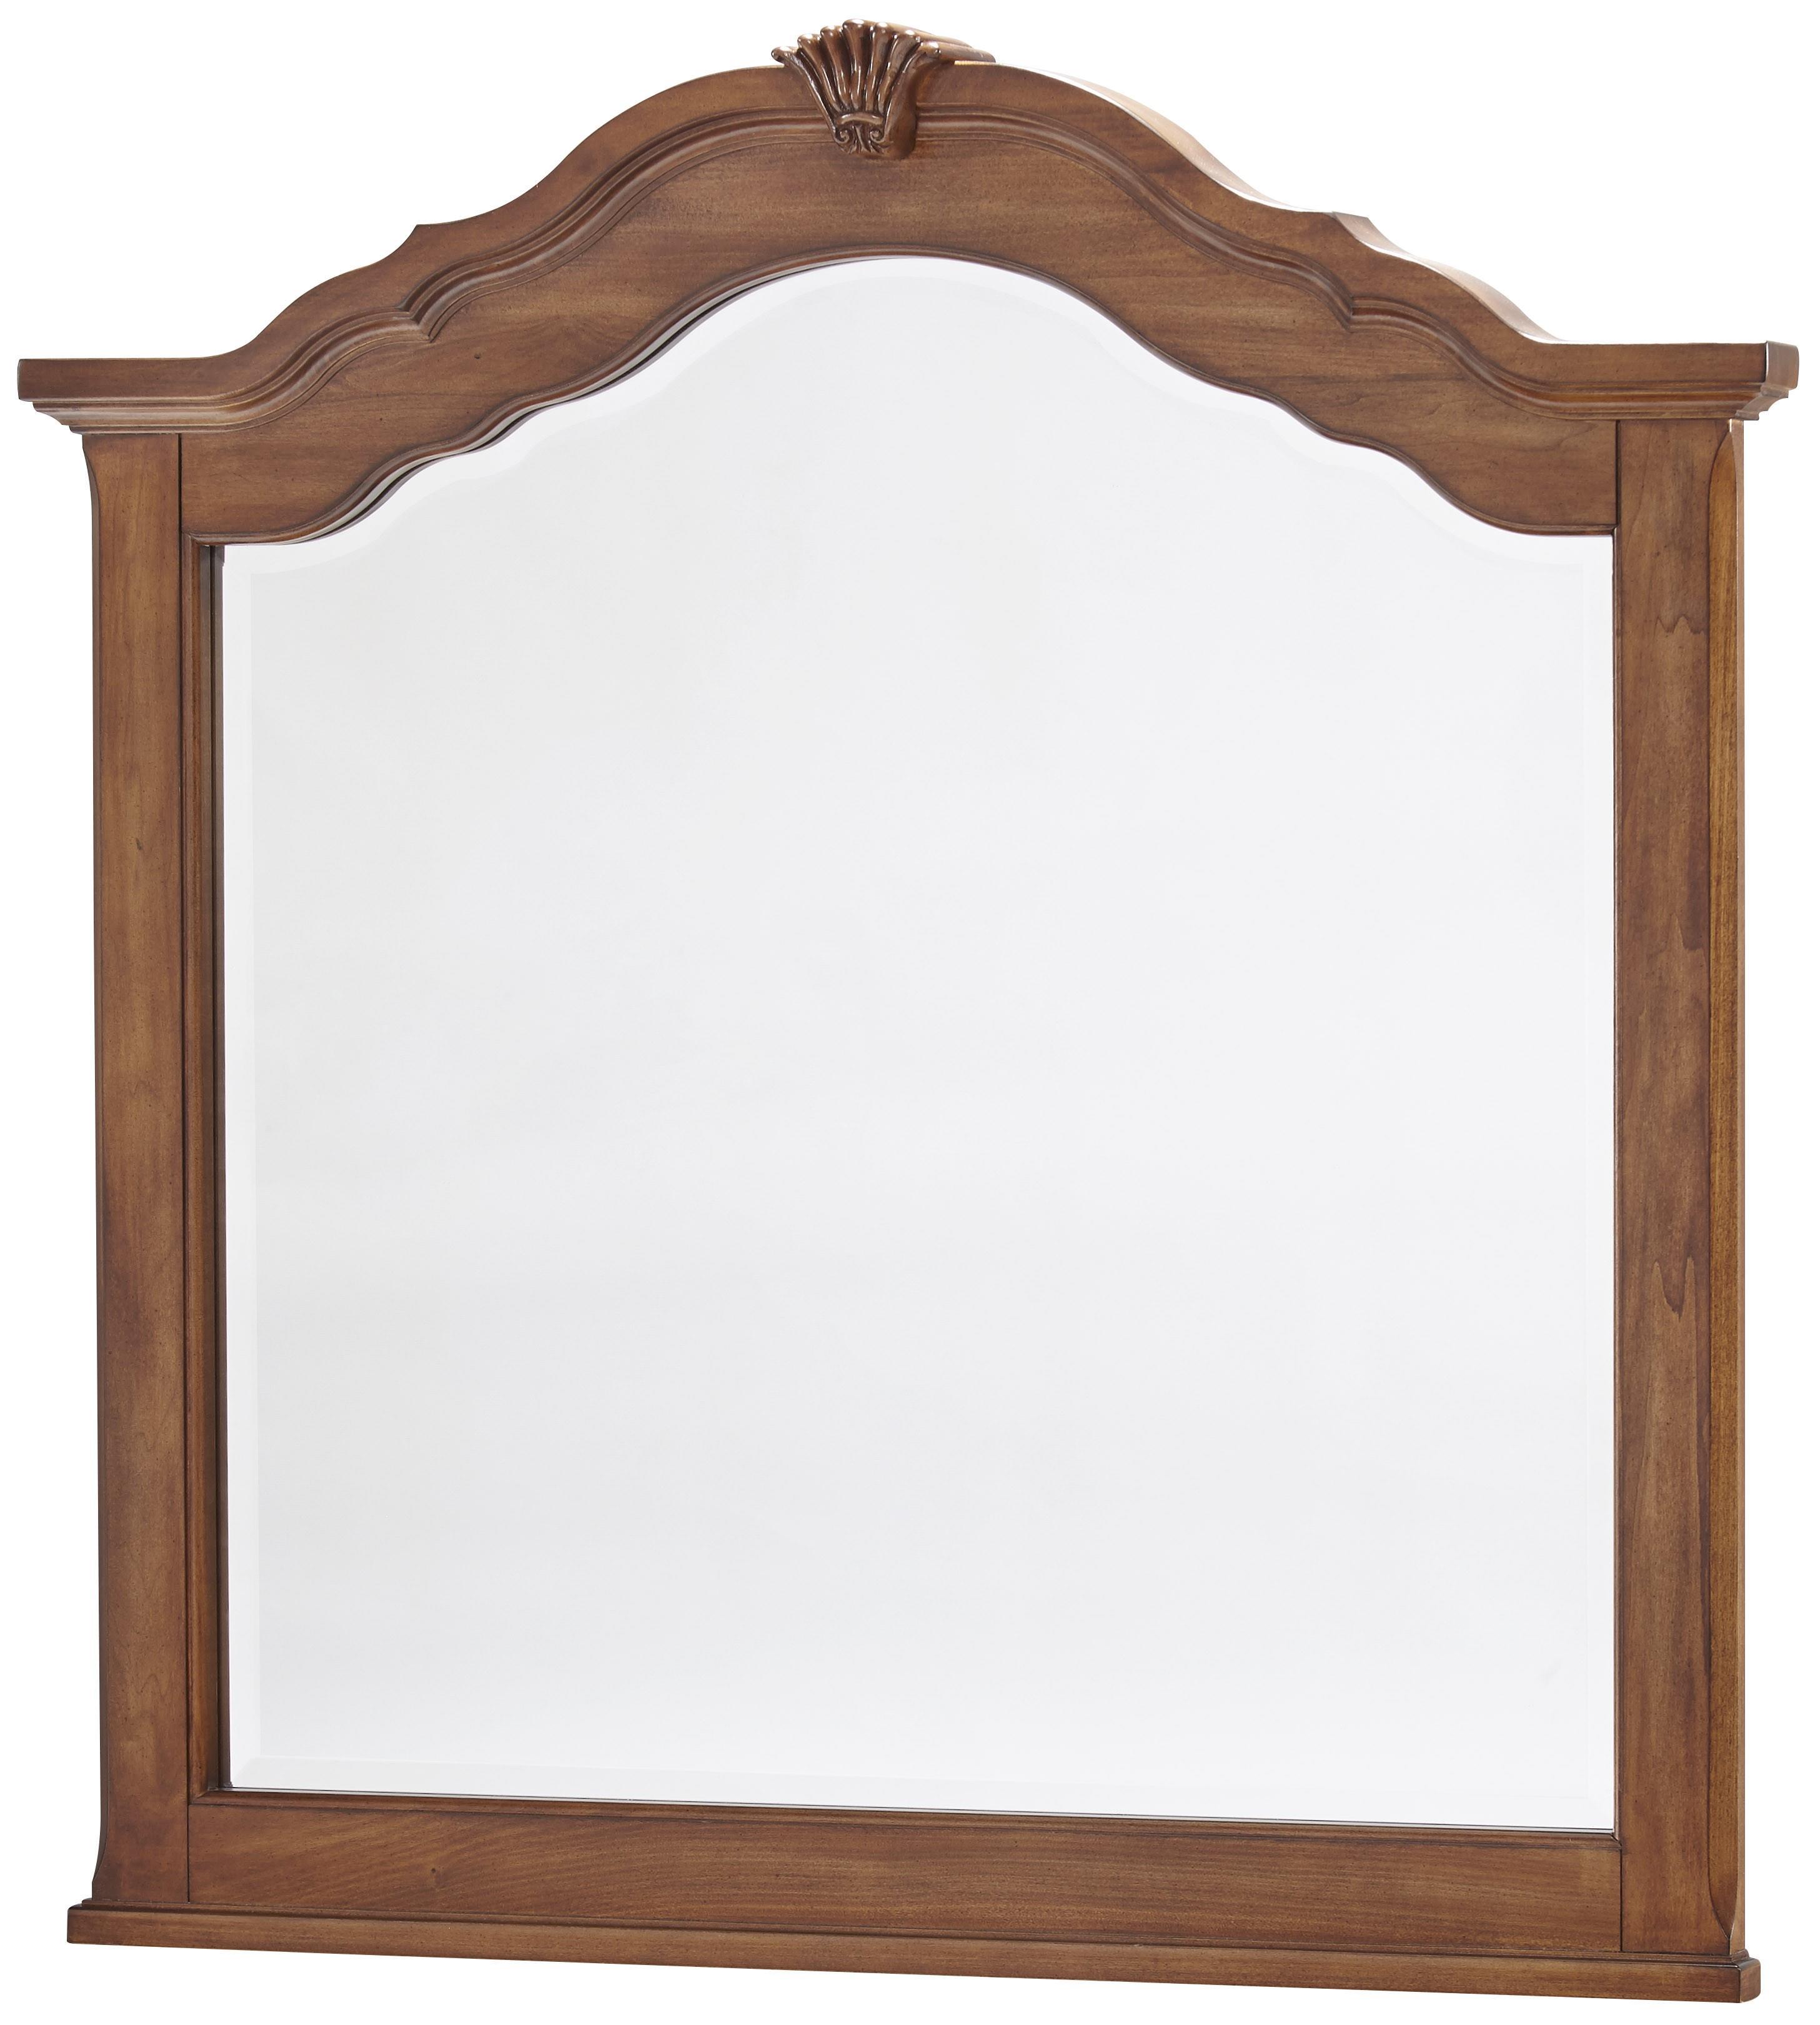 Vaughan Bassett Villa Sophia Shelter Mirror - Item Number: 522-447